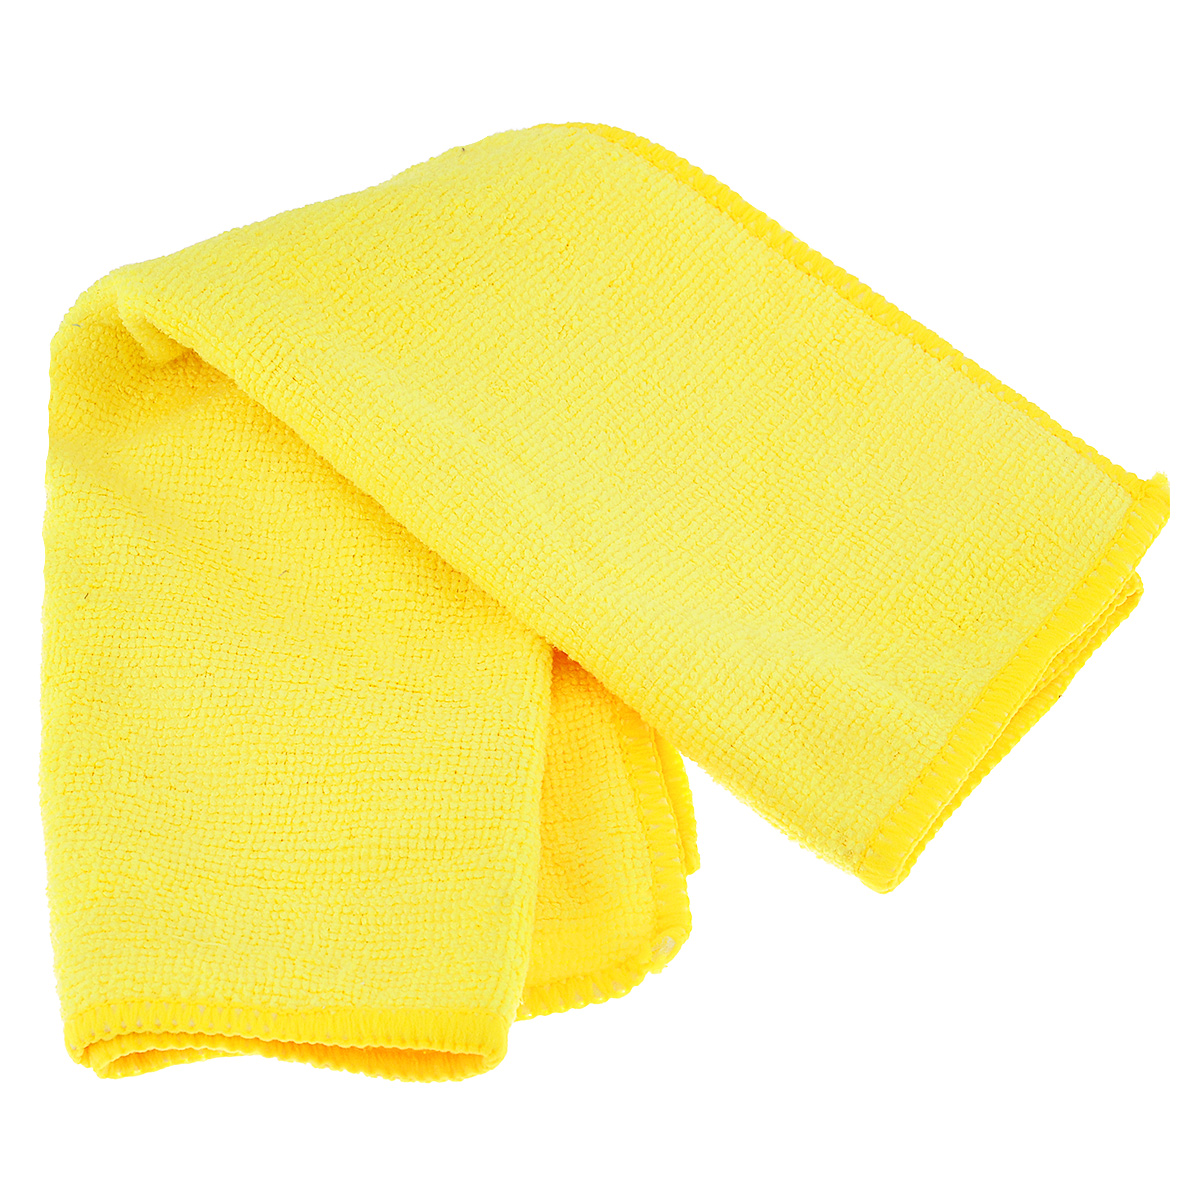 Салфетка из микрофибры Magic Power, для ухода за СВЧ печами и духовыми шкафами, цвет: желтый, 35 х 40 смMP-501_желтыйСалфетка Magic Power, изготовленная из микрофибры (75% полиэстера, 25%полиамида), предназначена для ухода за СВЧ печами и духовыми шкафами, дляочистки внешней и внутренней поверхности плит и микроволновых печей отлюбых видов загрязнений, для полировки и придания блеска. Идеально подходитдля использования со средствами Magic Power по уходу за СВЧ-печами идуховыми шкафами. Не оставляет разводов и ворсинок. Обладает повышеннойпрочностью.